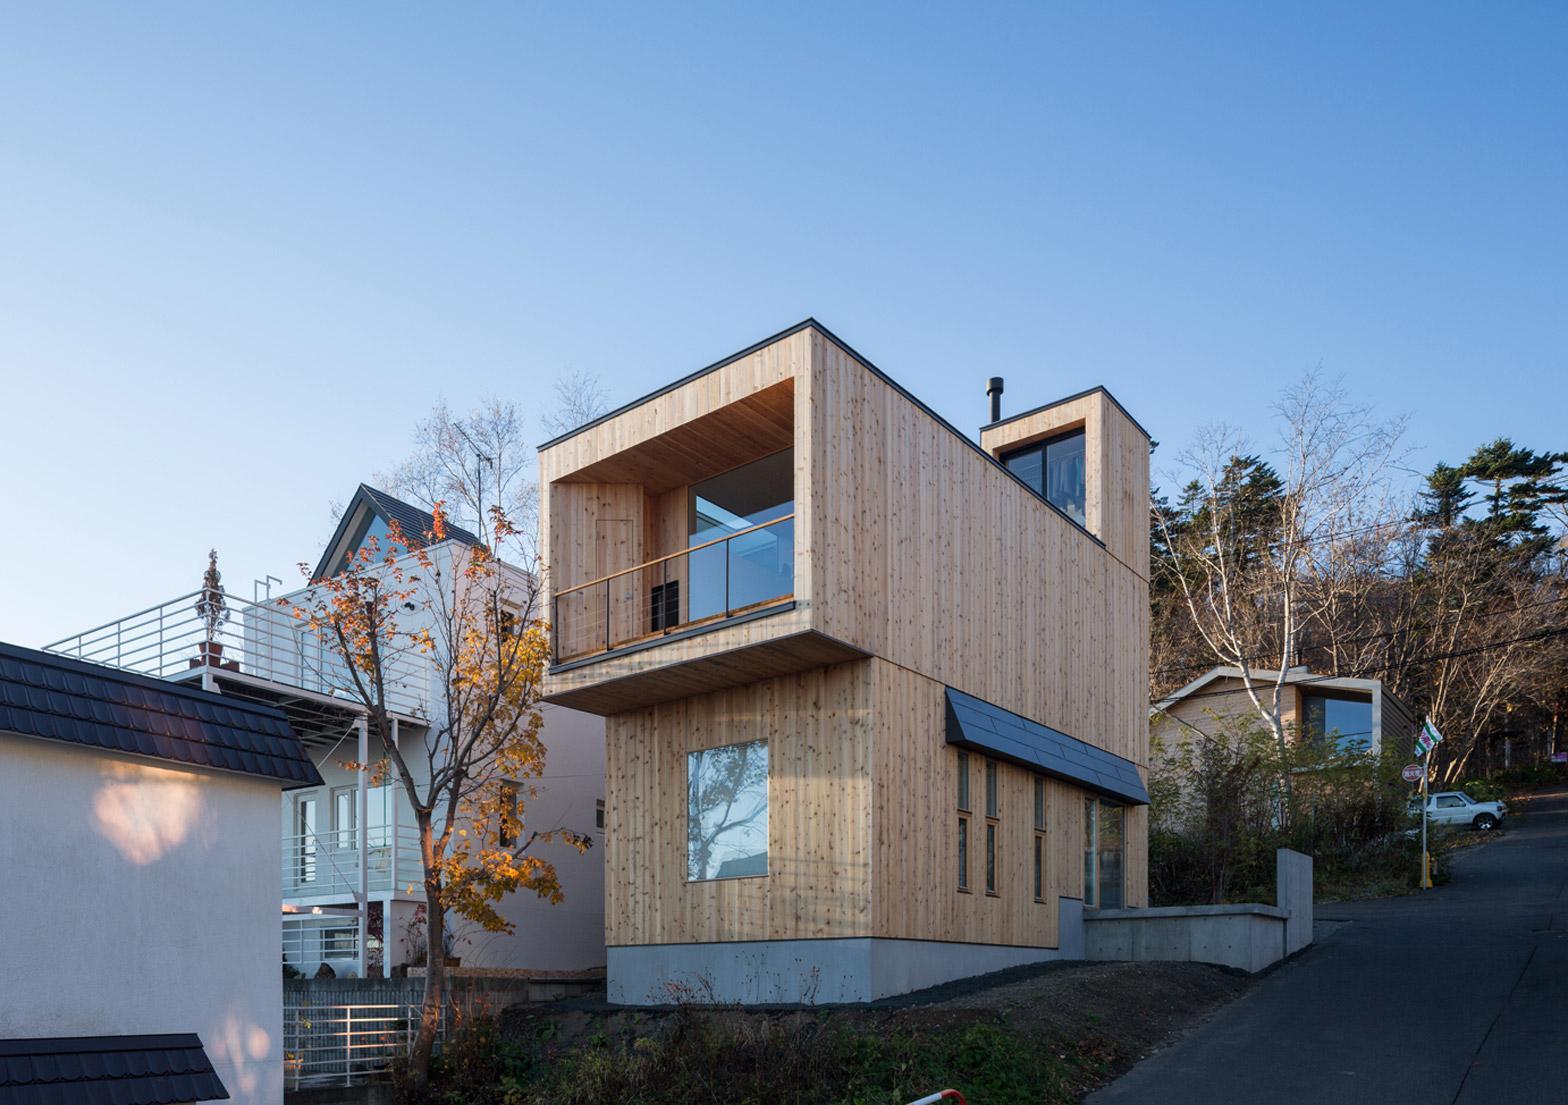 Дом небольшой в стиле хай тек